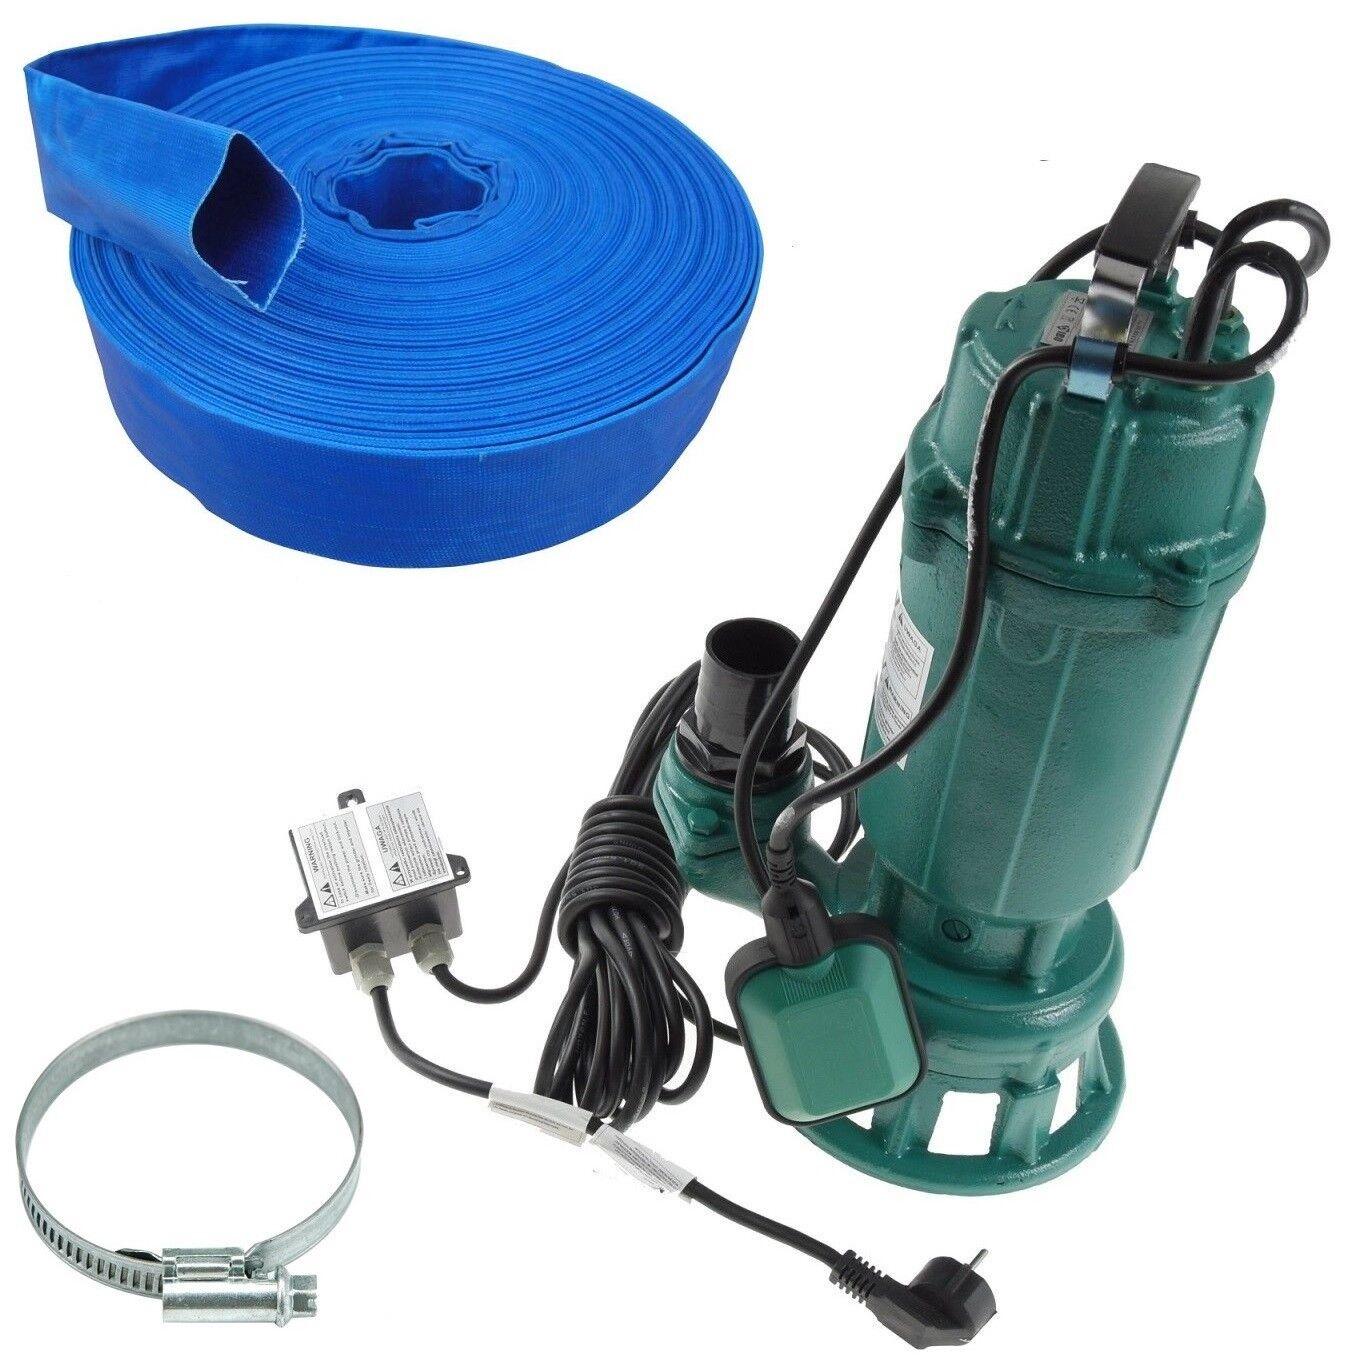 Schmutzwasserpumpe Fäkalienpumpe Schneidmesser Tauchpumpe mit Gummischlauch TOP